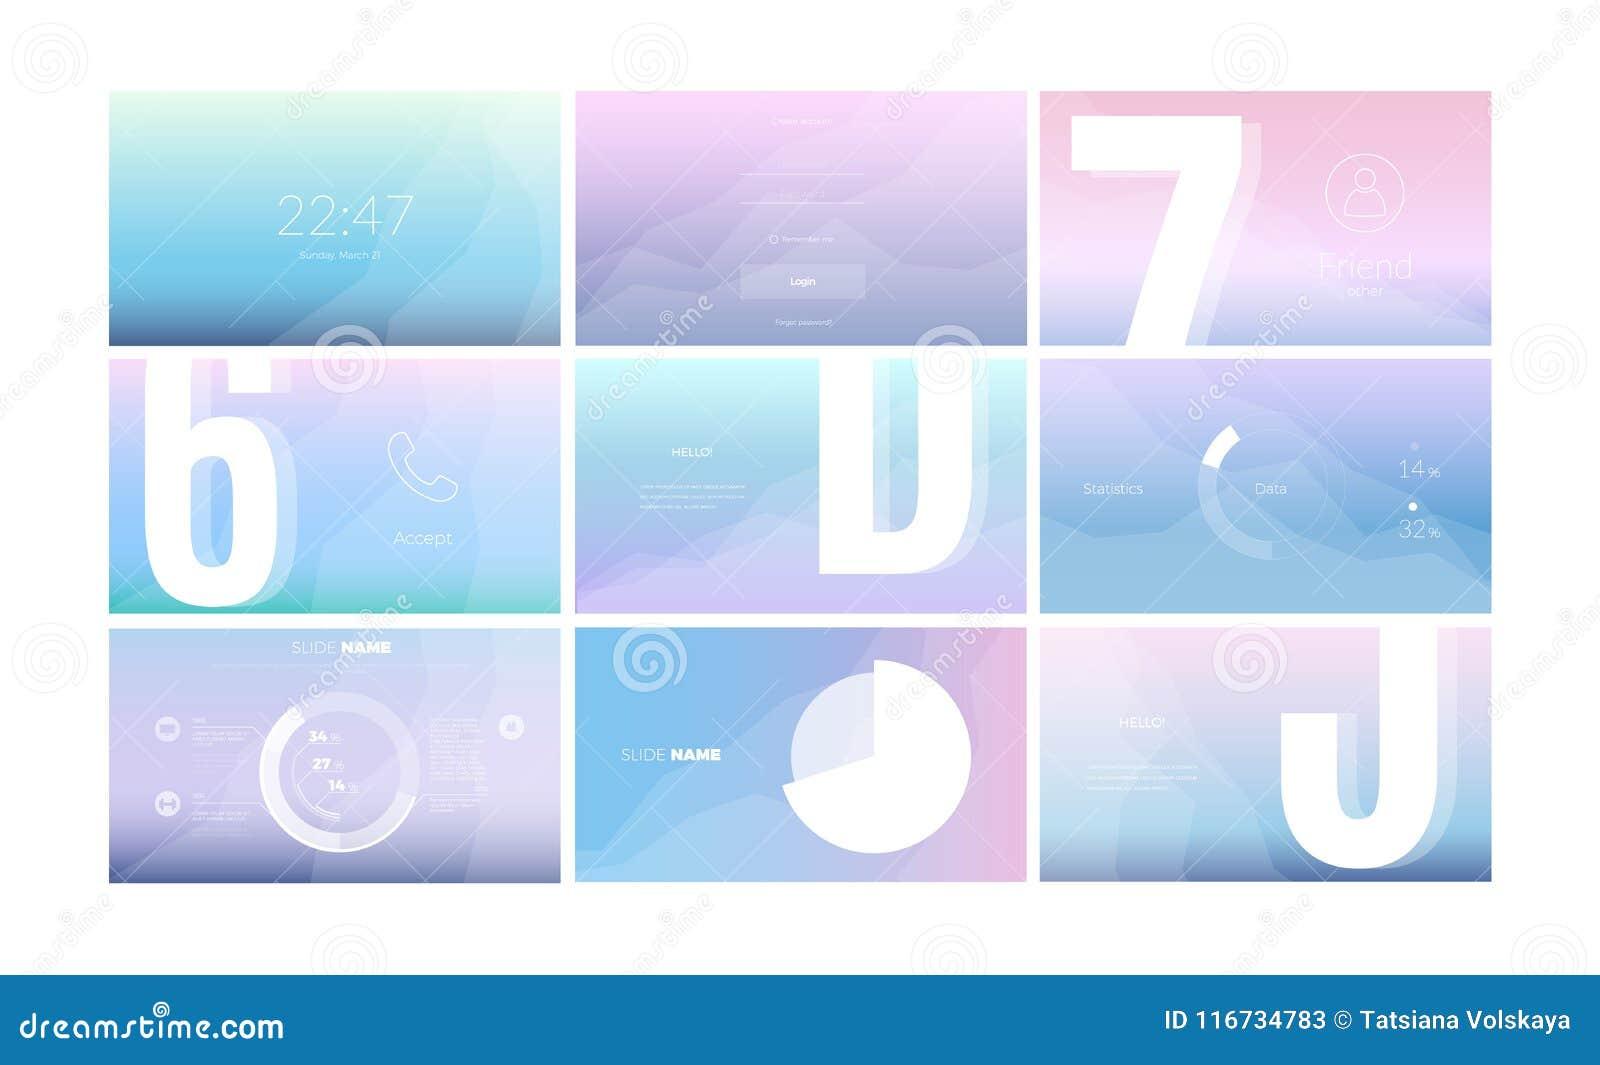 Σύγχρονο σχέδιο οθόνης UI για κινητό app με τα στοιχεία Ιστού